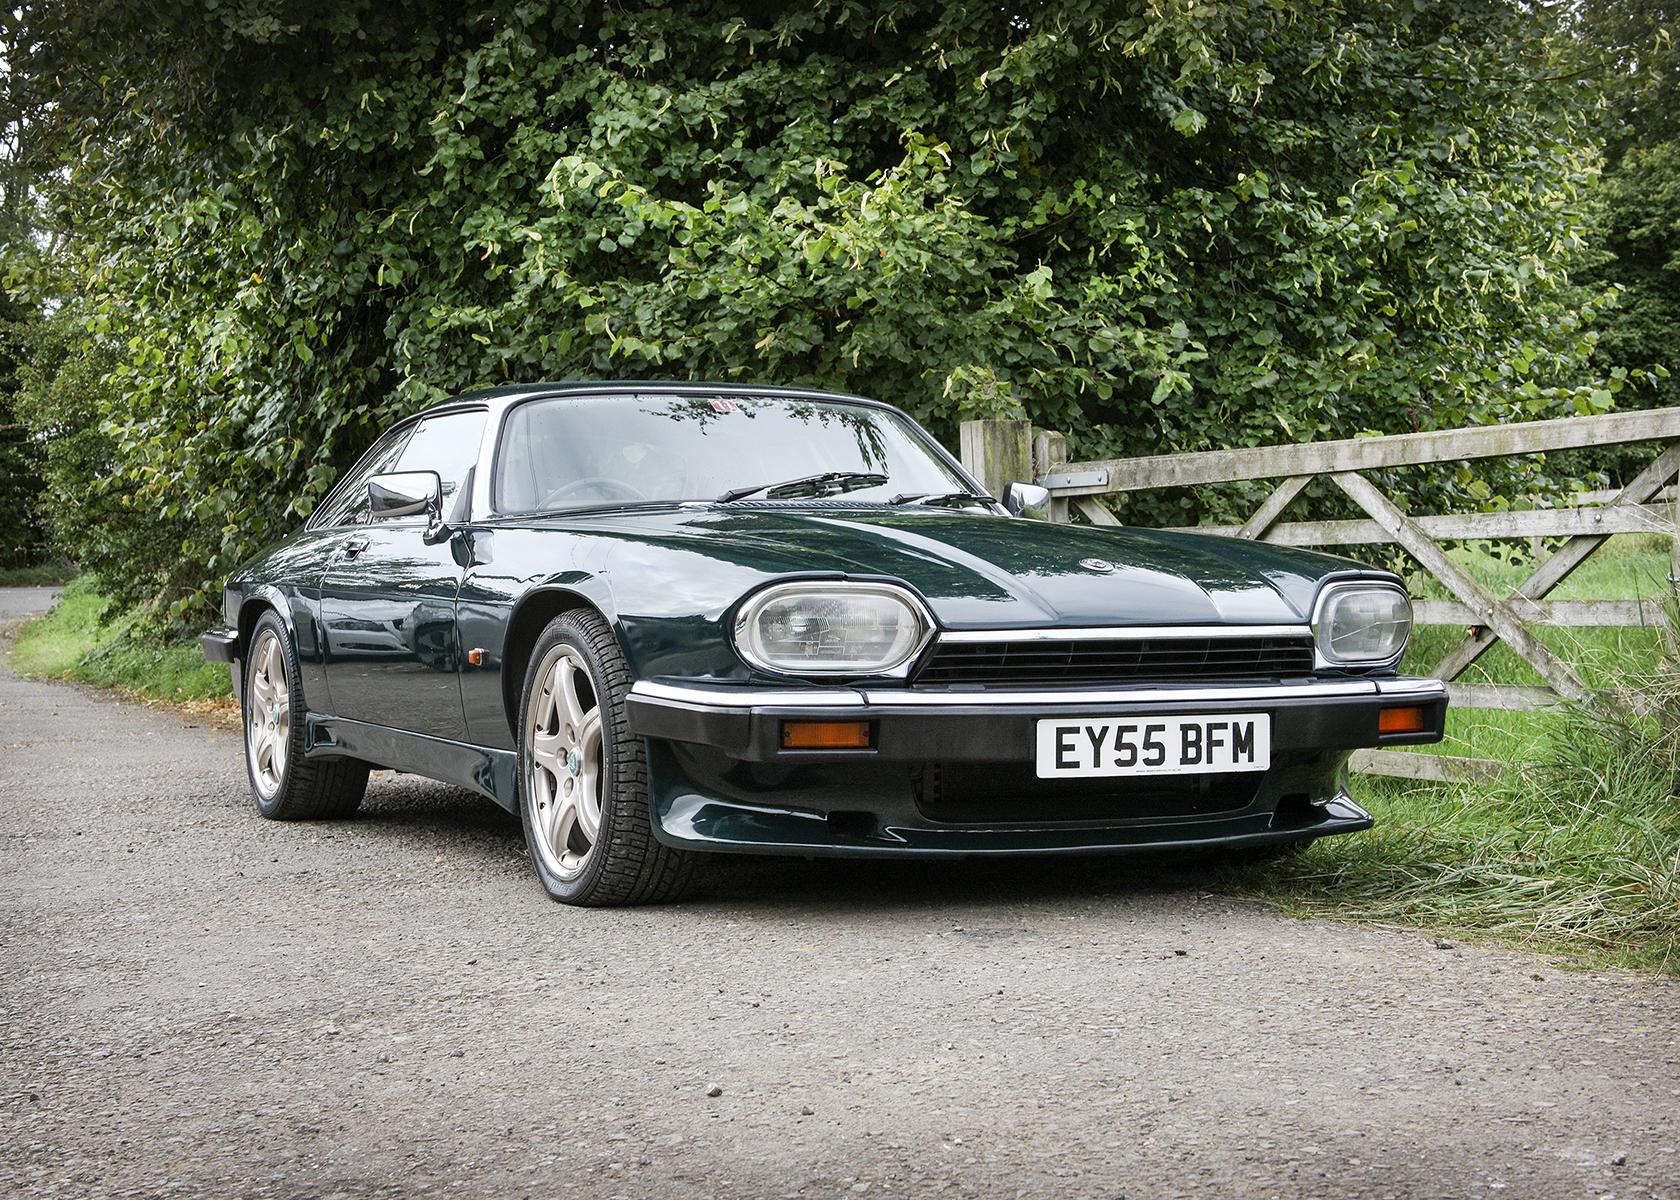 1992 Jaguar XJS V12 Manual - Classic Car Auctions